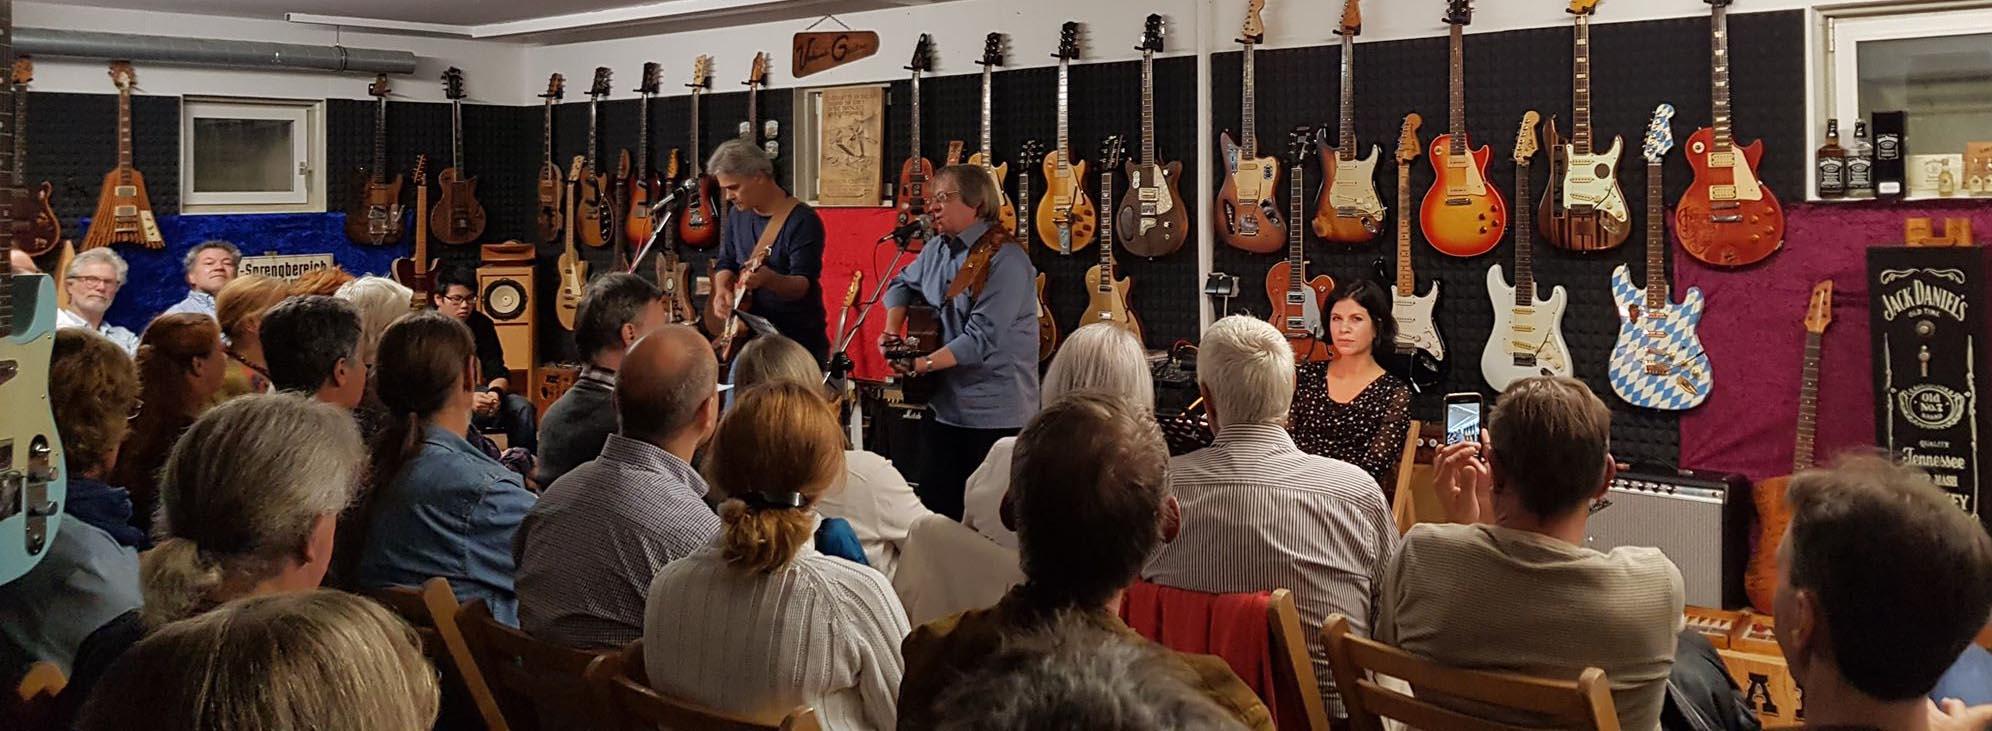 Lesung mit Kristy Husz in der Veranda-Guitar-Gallery